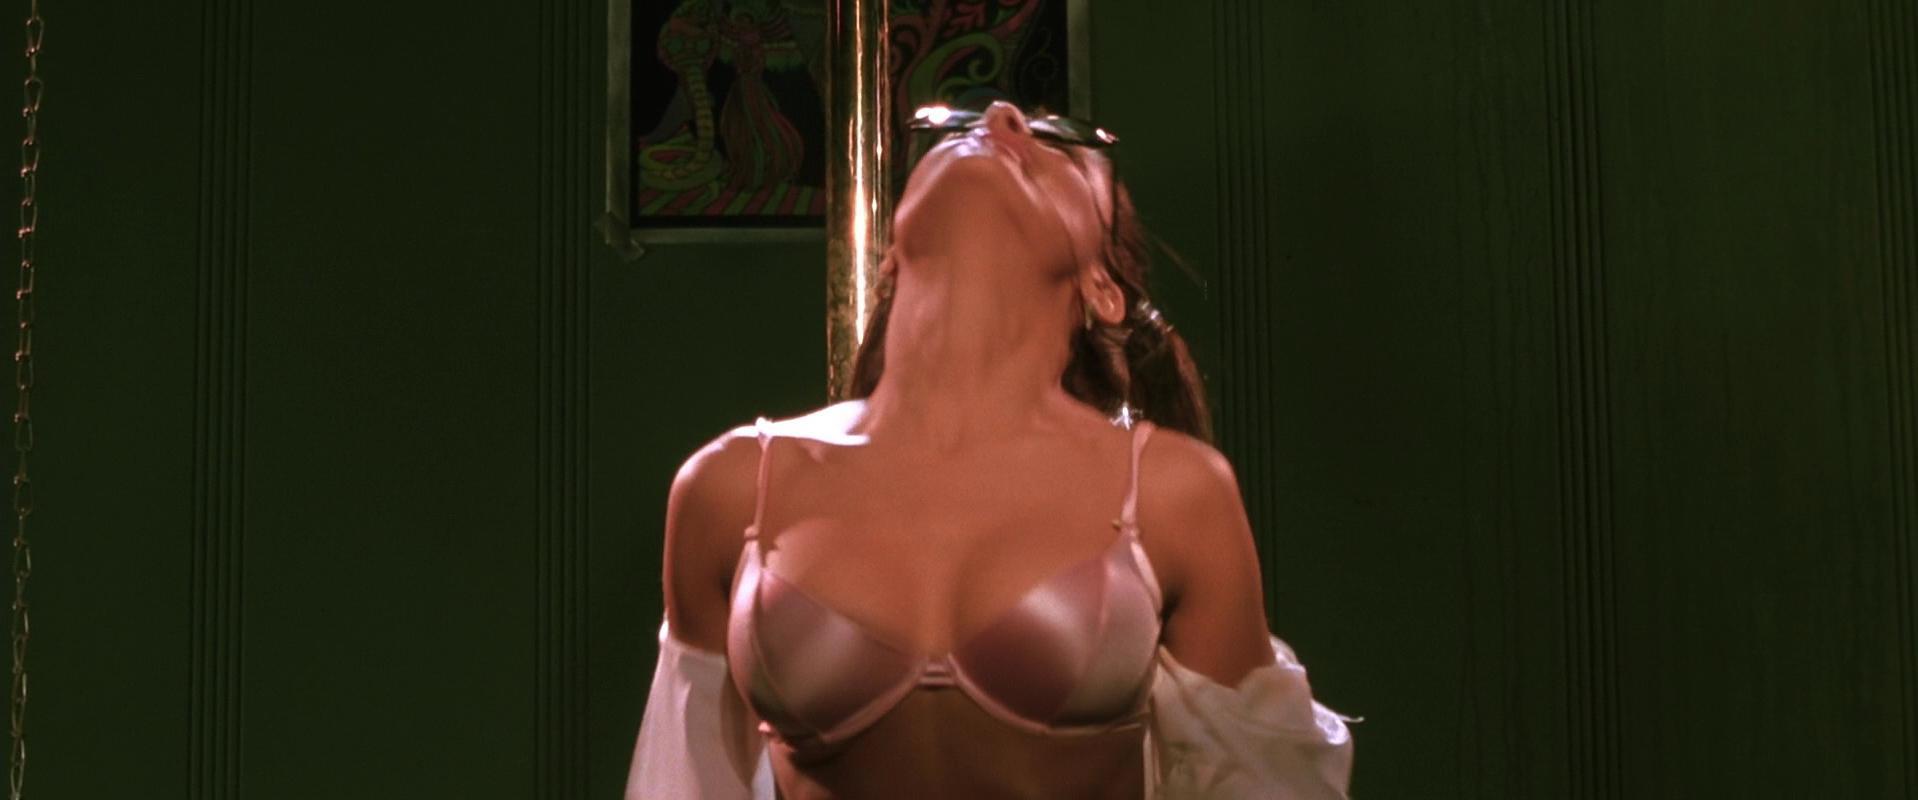 Salma Hayek sexy - Dogma (1999)